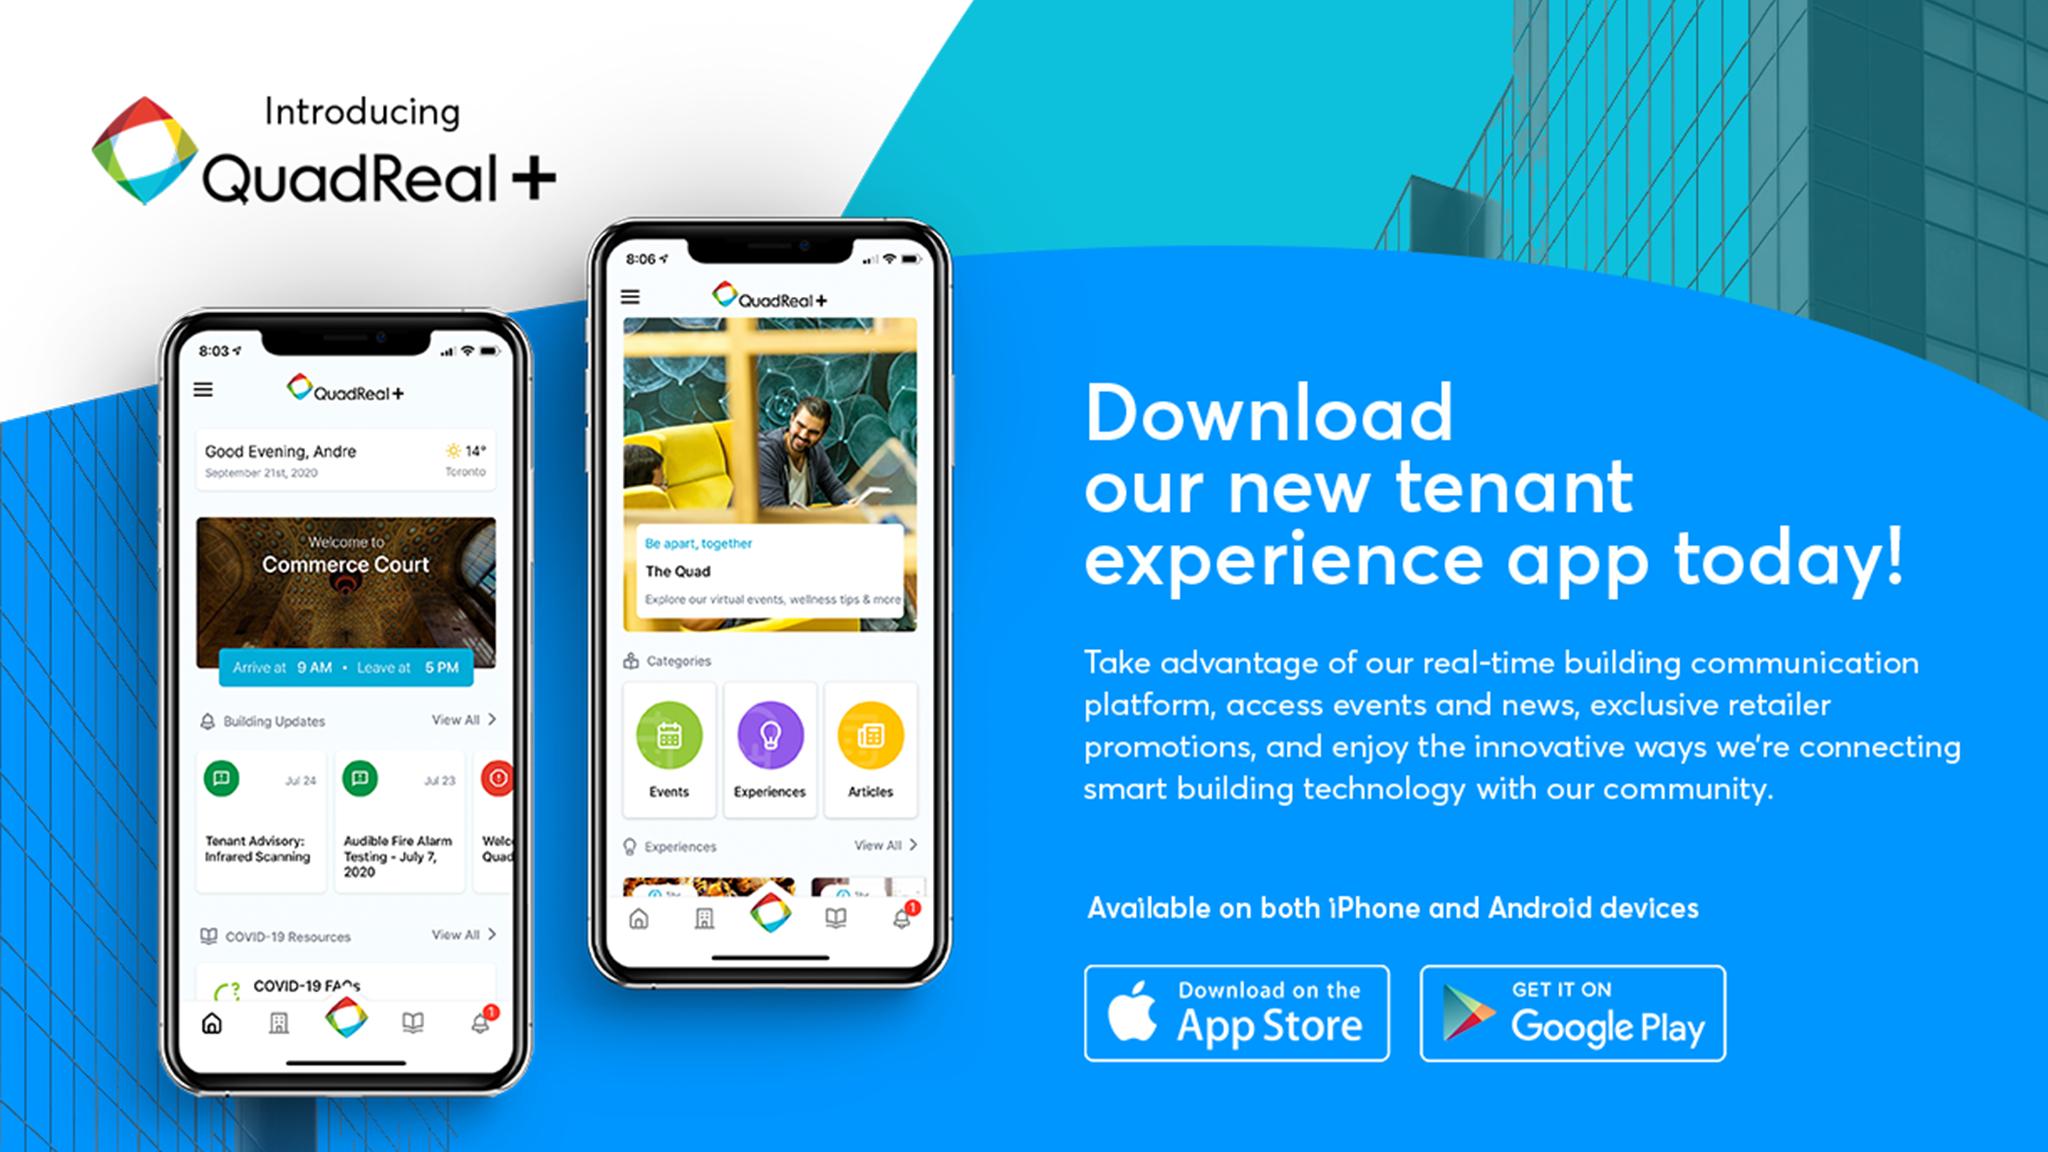 QuadReal+ App